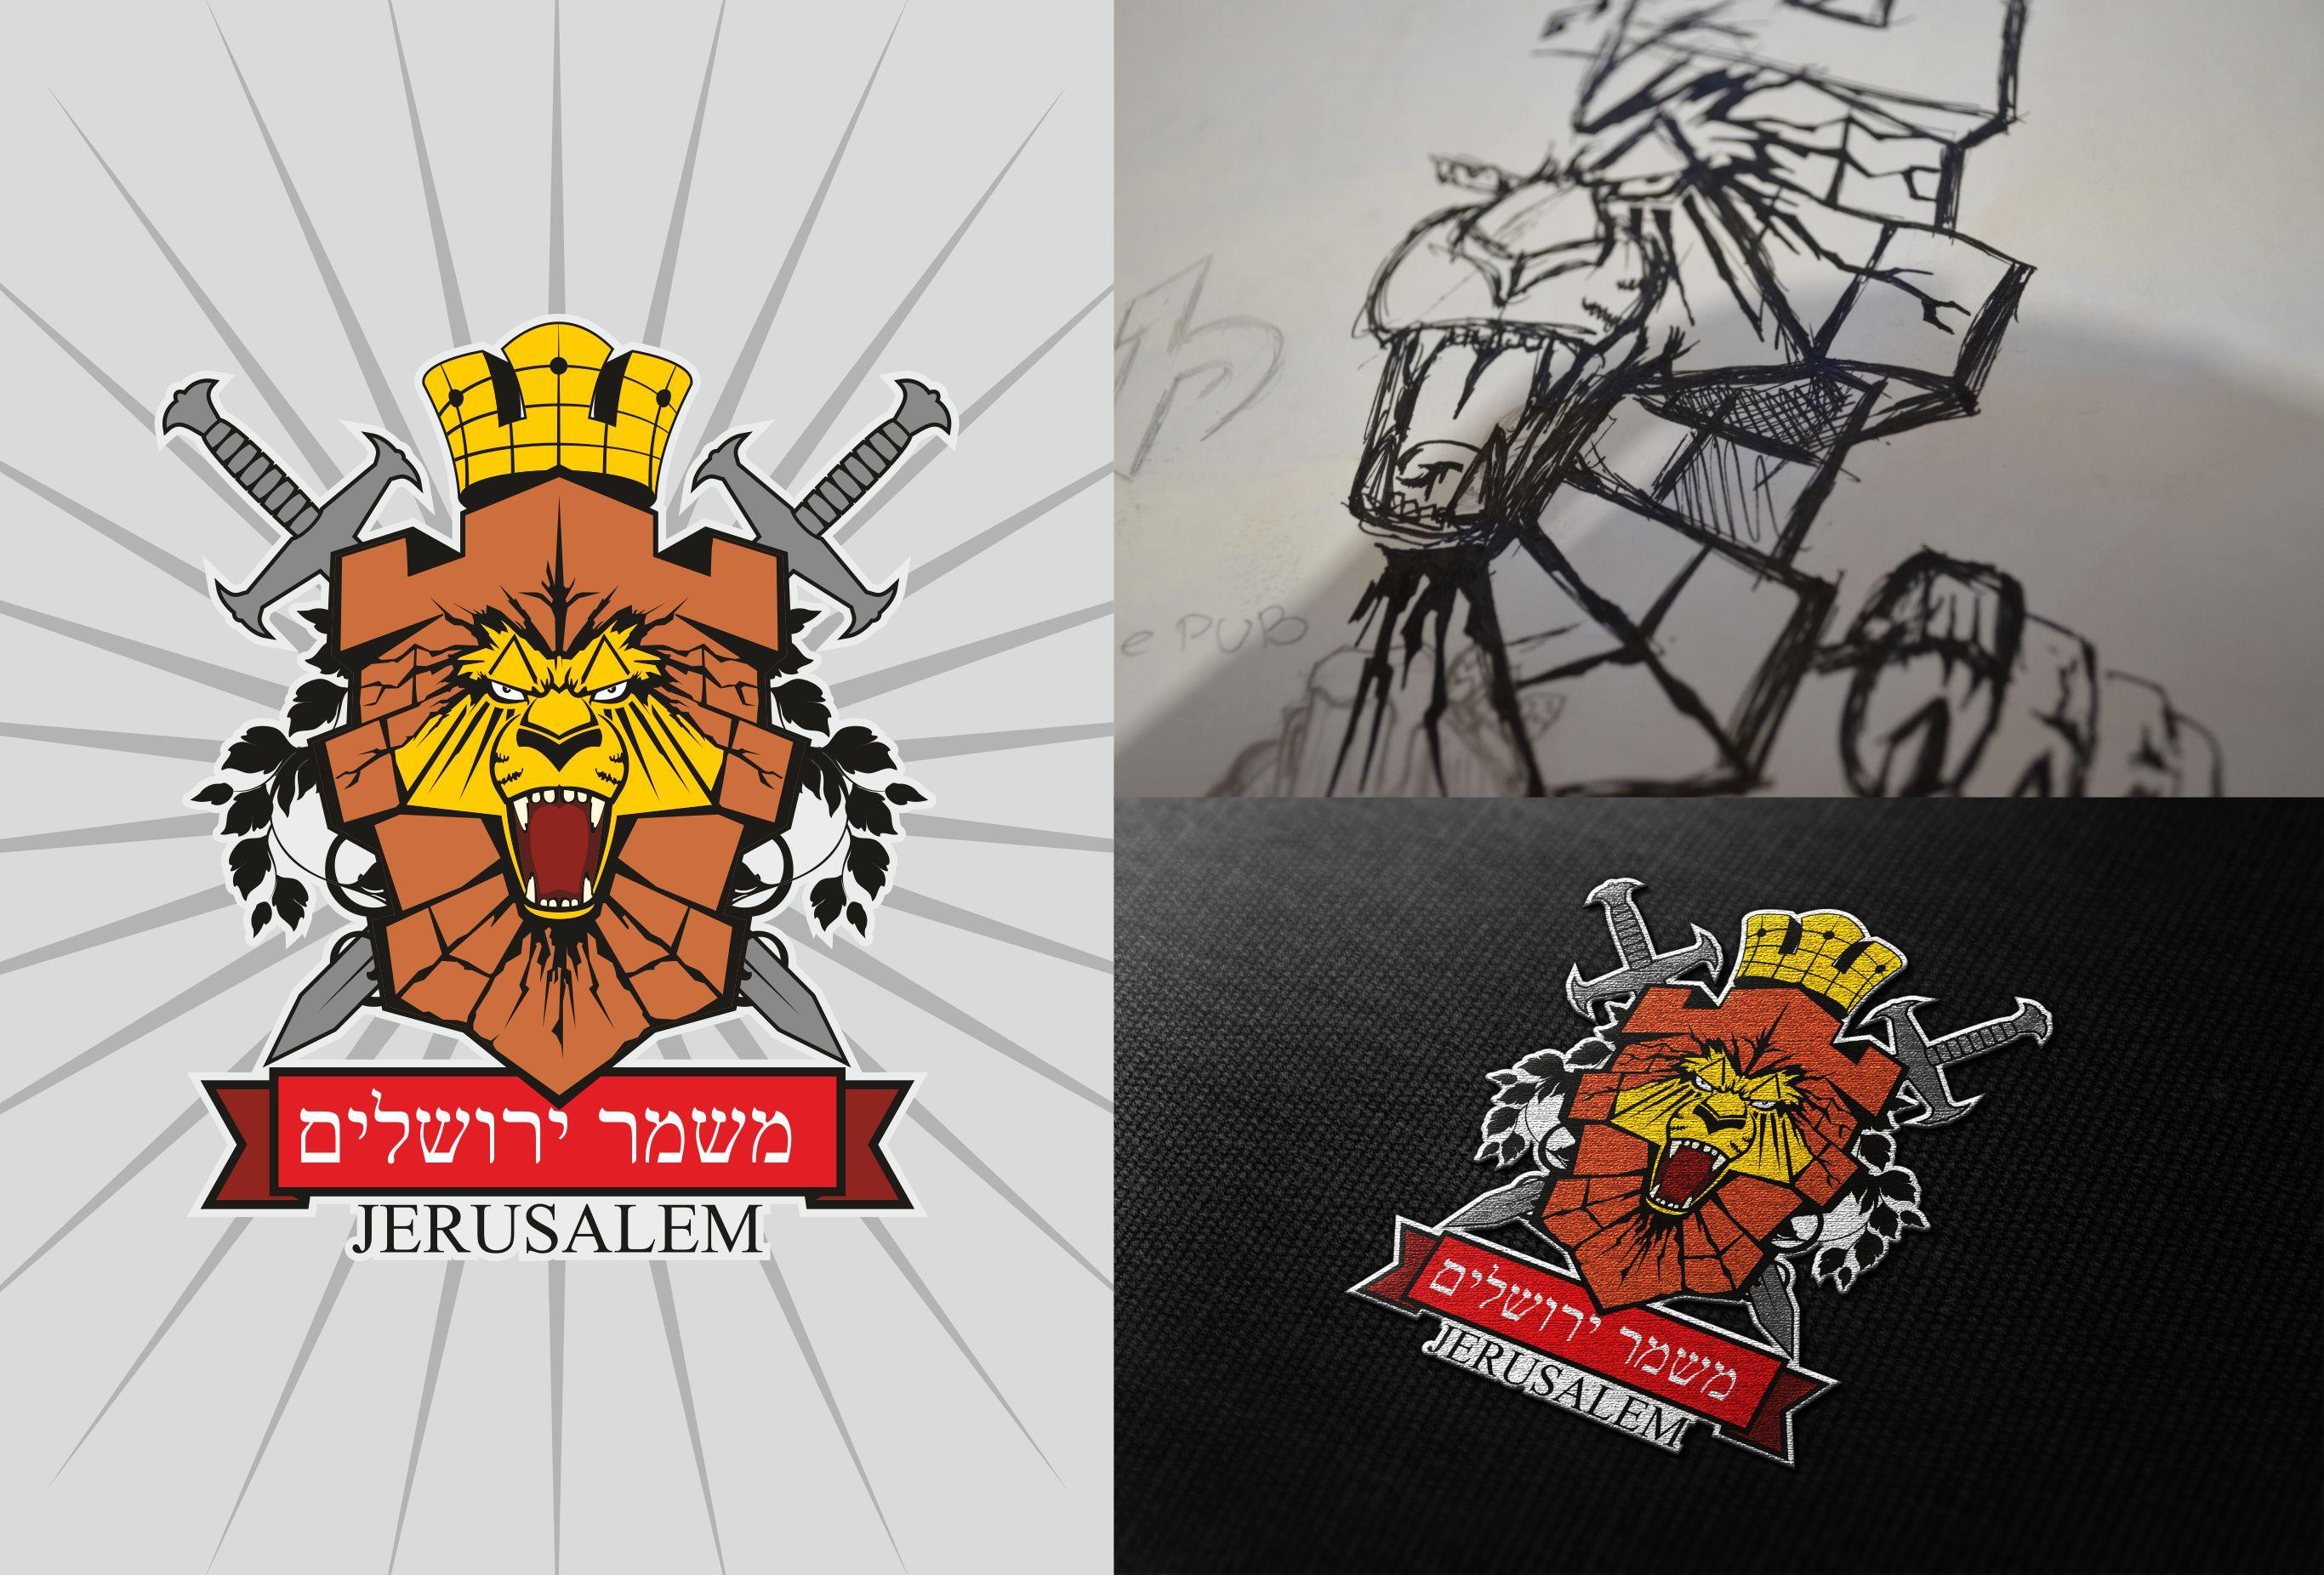 Разработка логотипа. Компания Страж Иерусалима фото f_0885203834dd6b2b.jpg